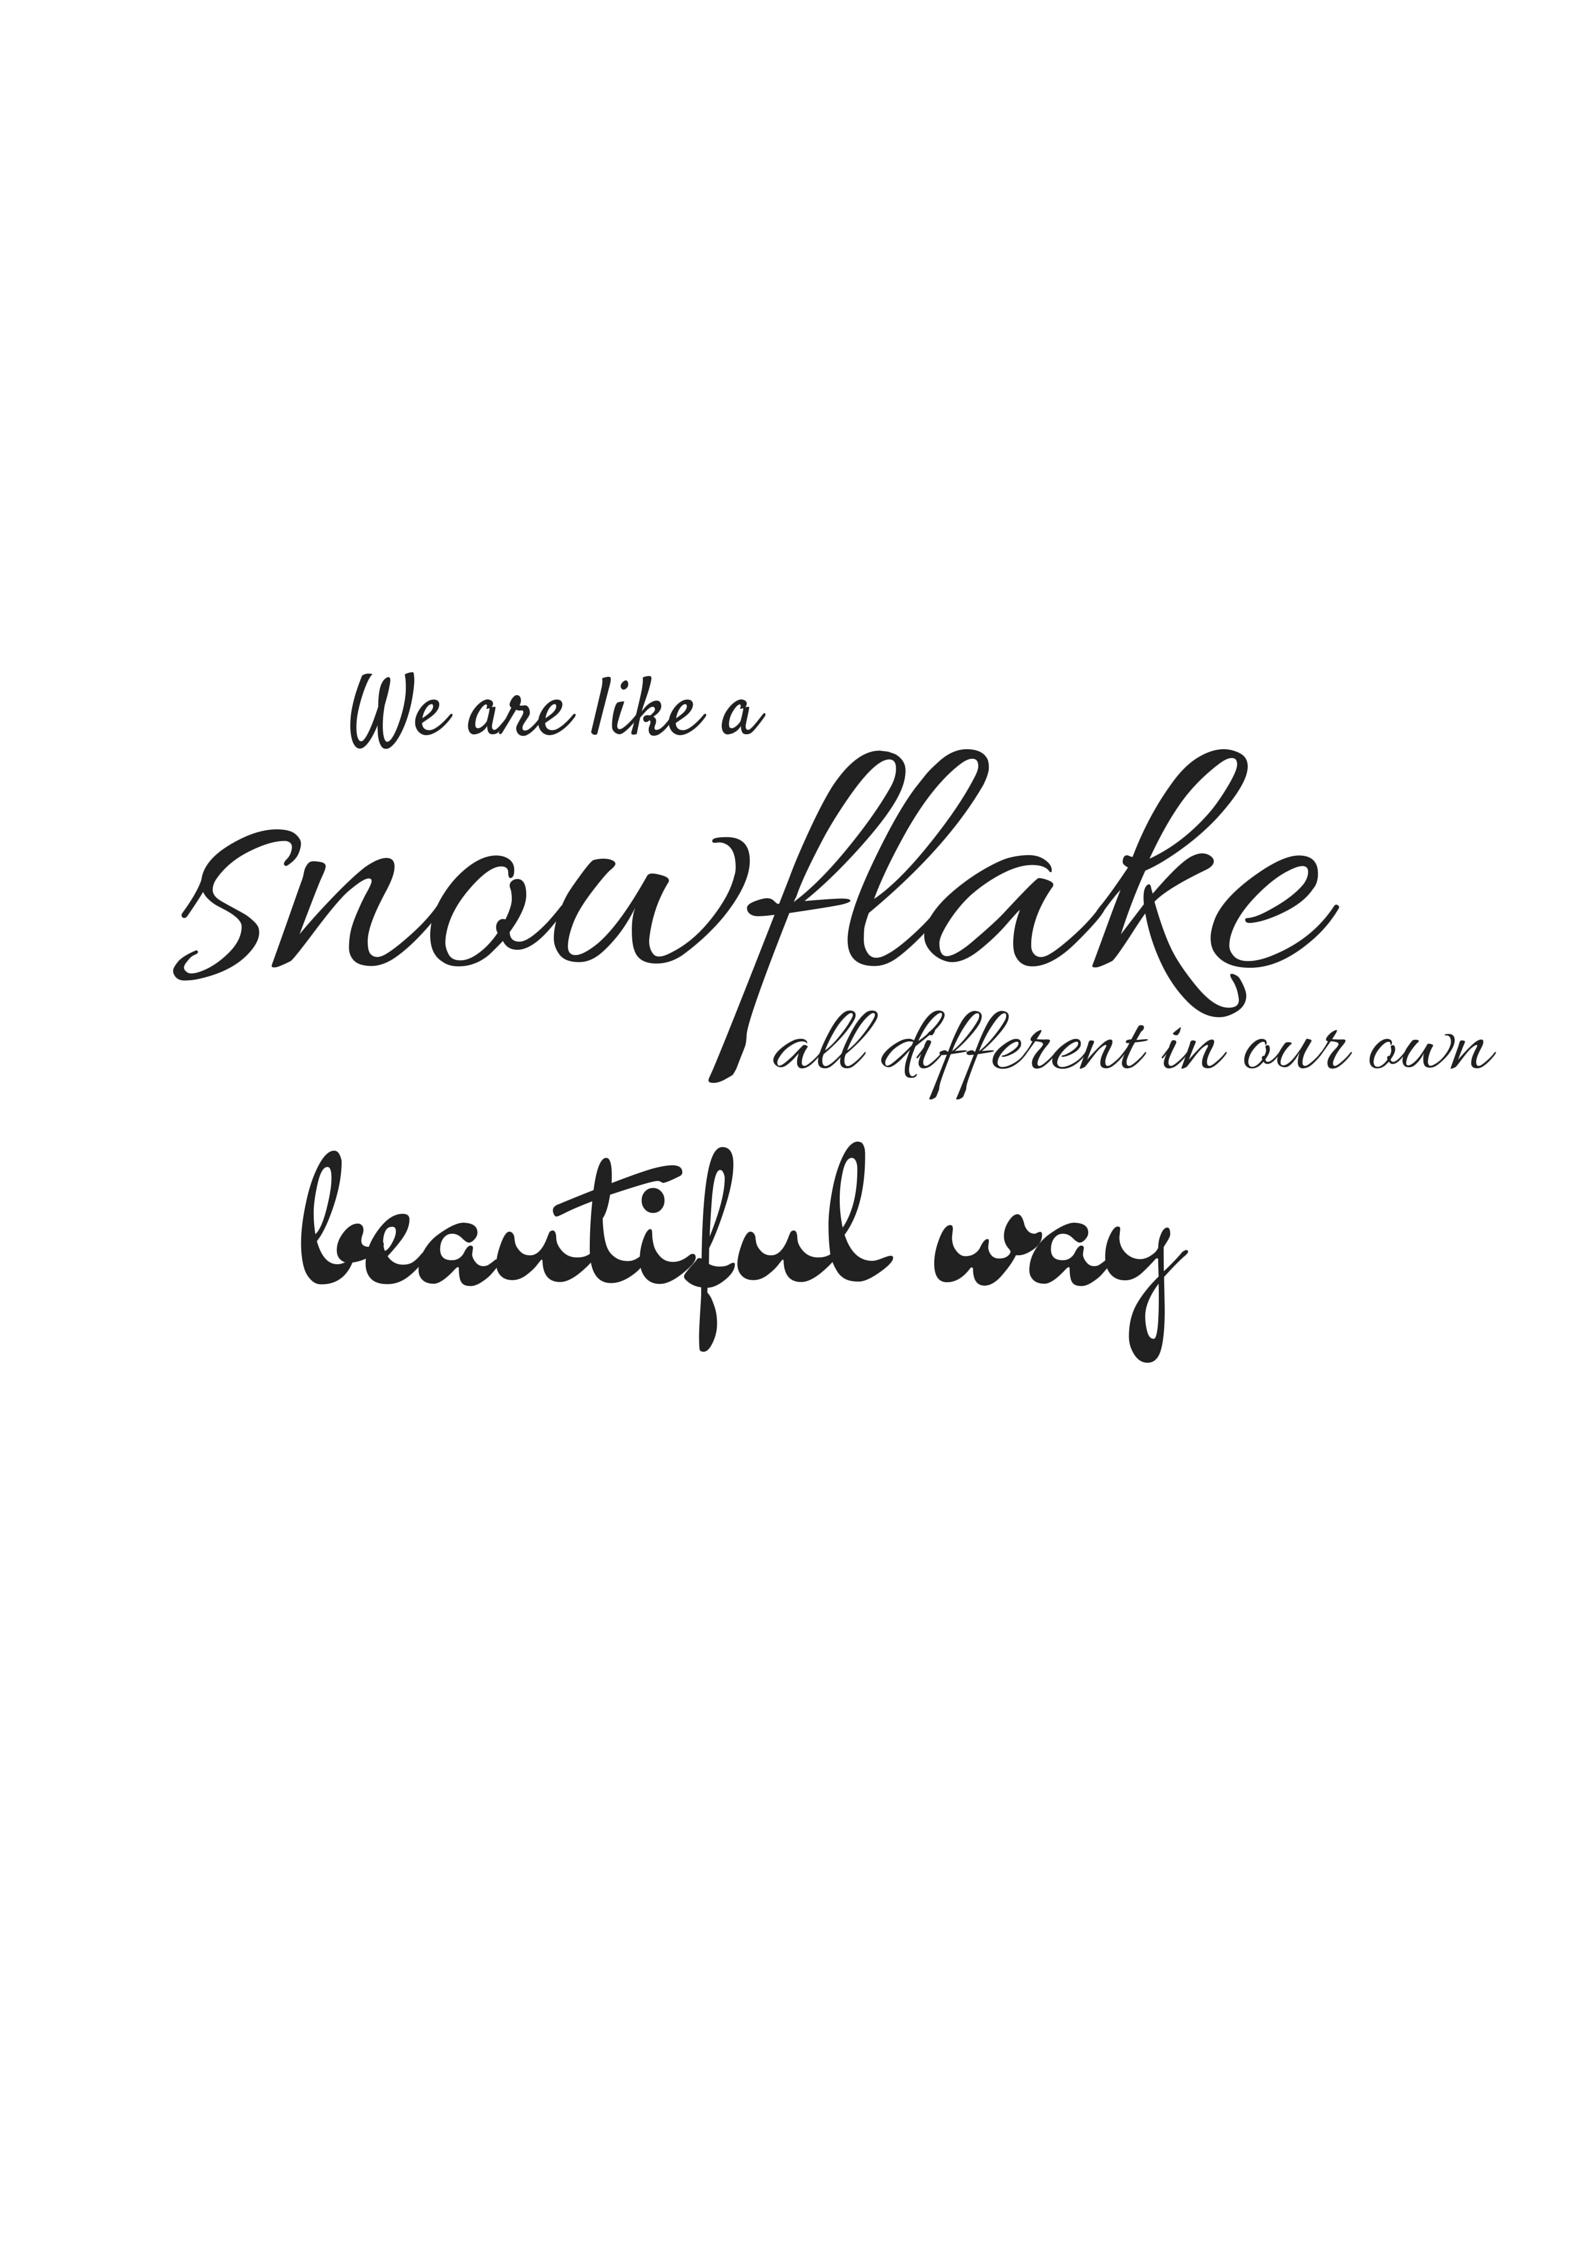 Like a snowflake – Du bist einzigartig und wunderschön | Fräulein Weiss